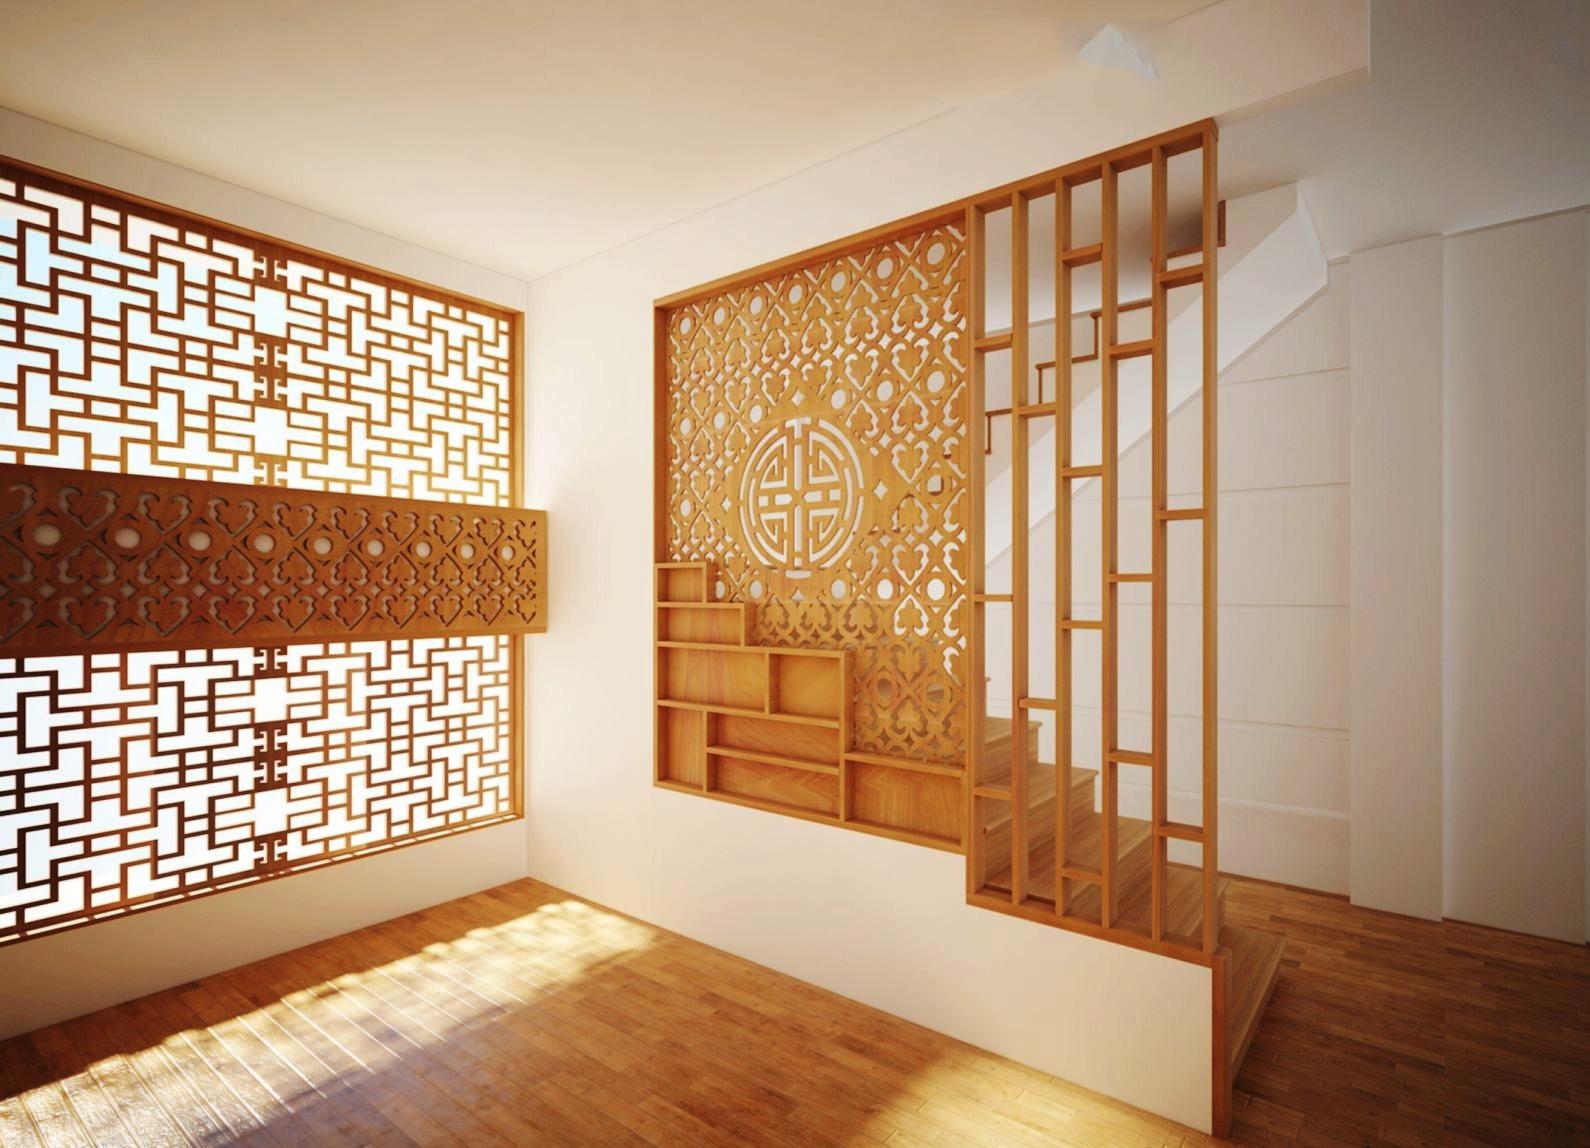 vách cnc gỗ trang trí